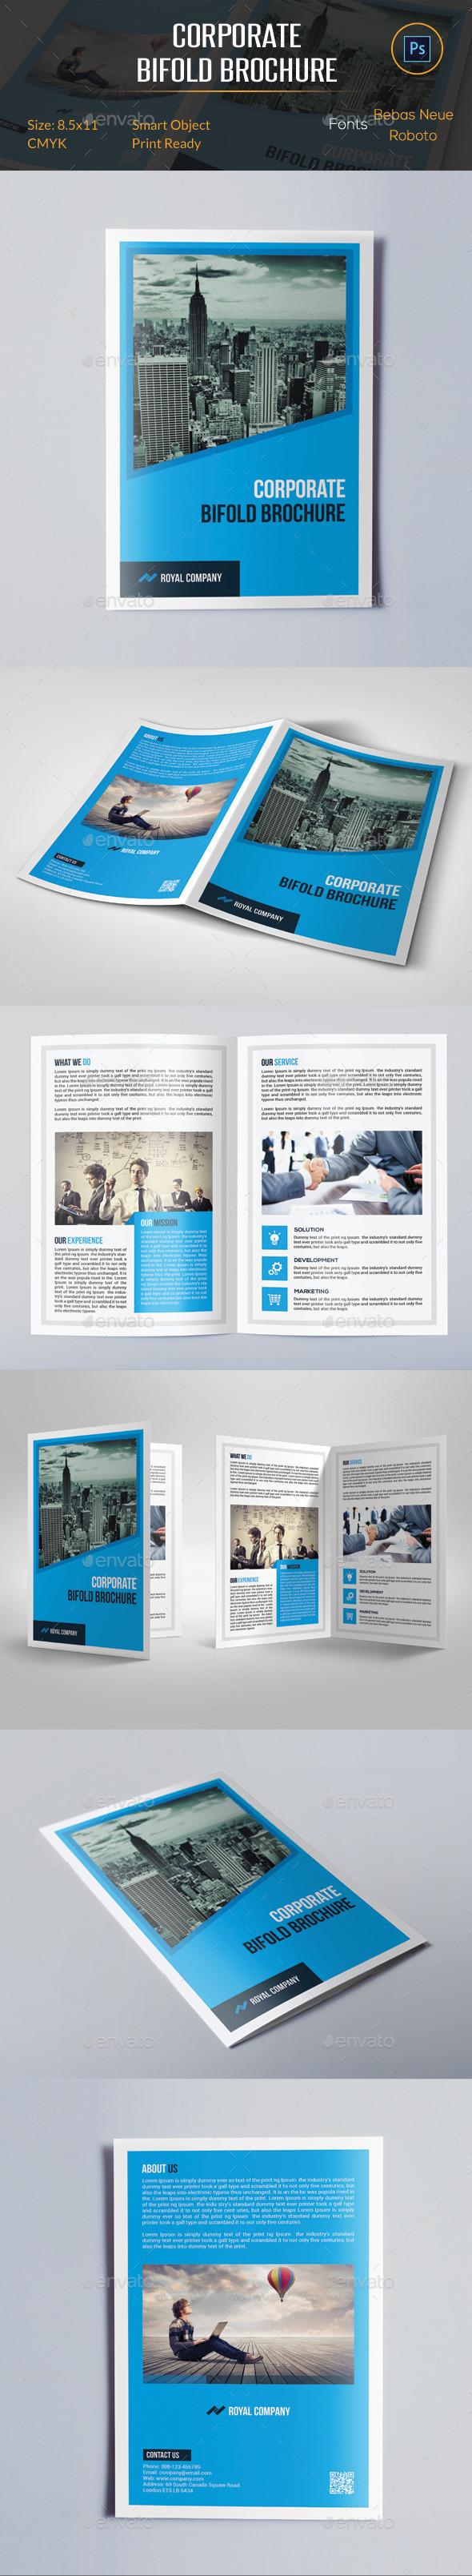 GraphicRiver Corporate Bifold Brochure 11417270